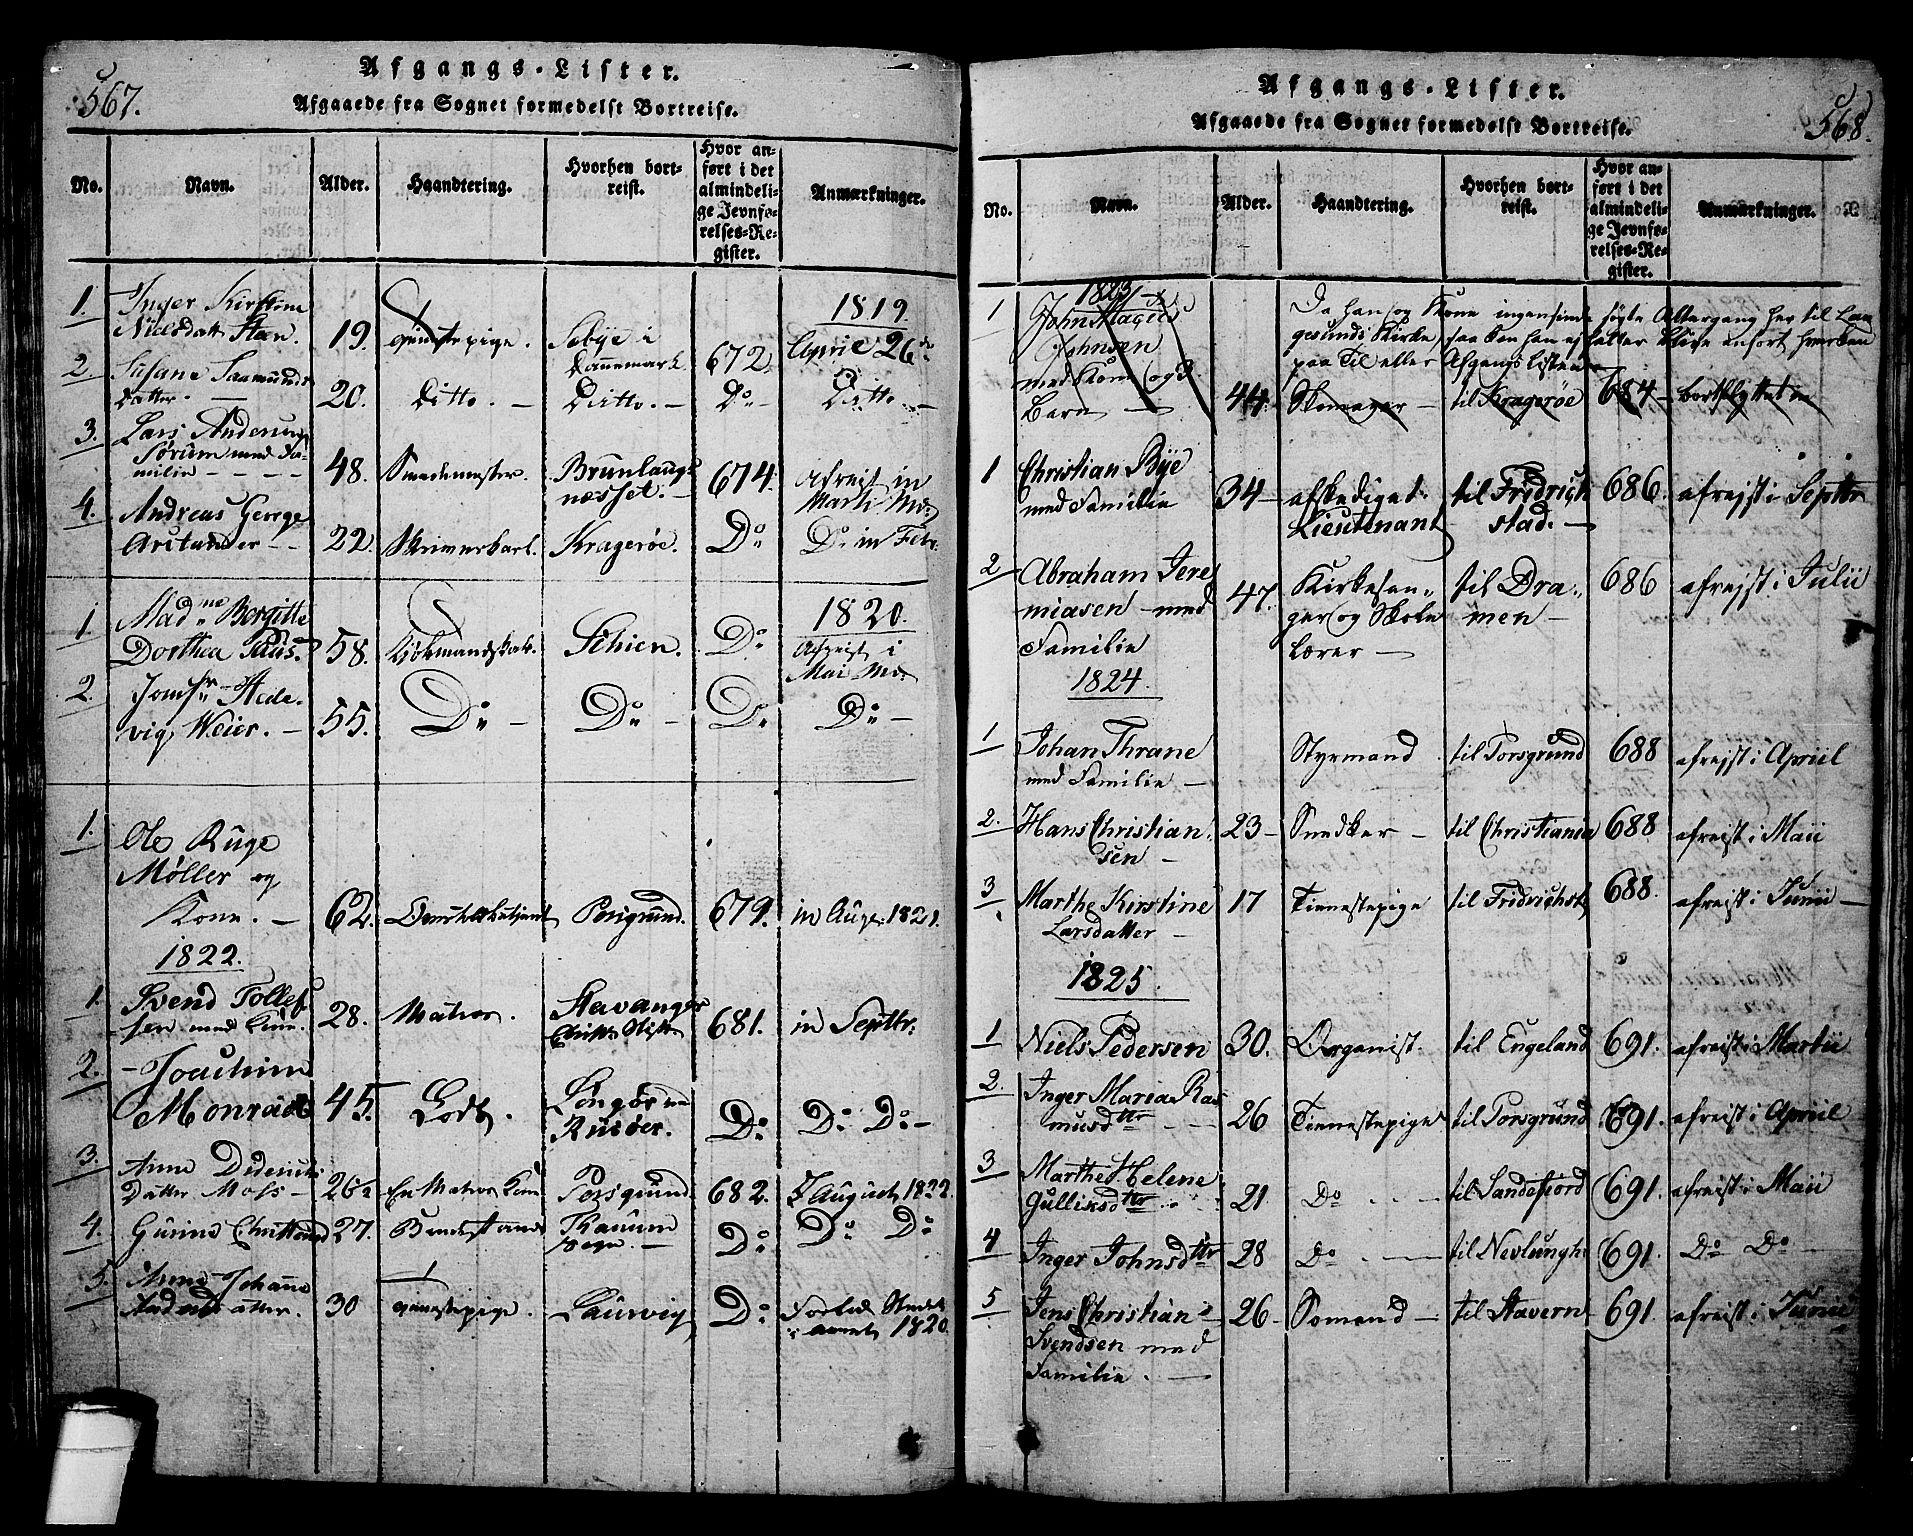 SAKO, Langesund kirkebøker, G/Ga/L0003: Klokkerbok nr. 3, 1815-1858, s. 567-568